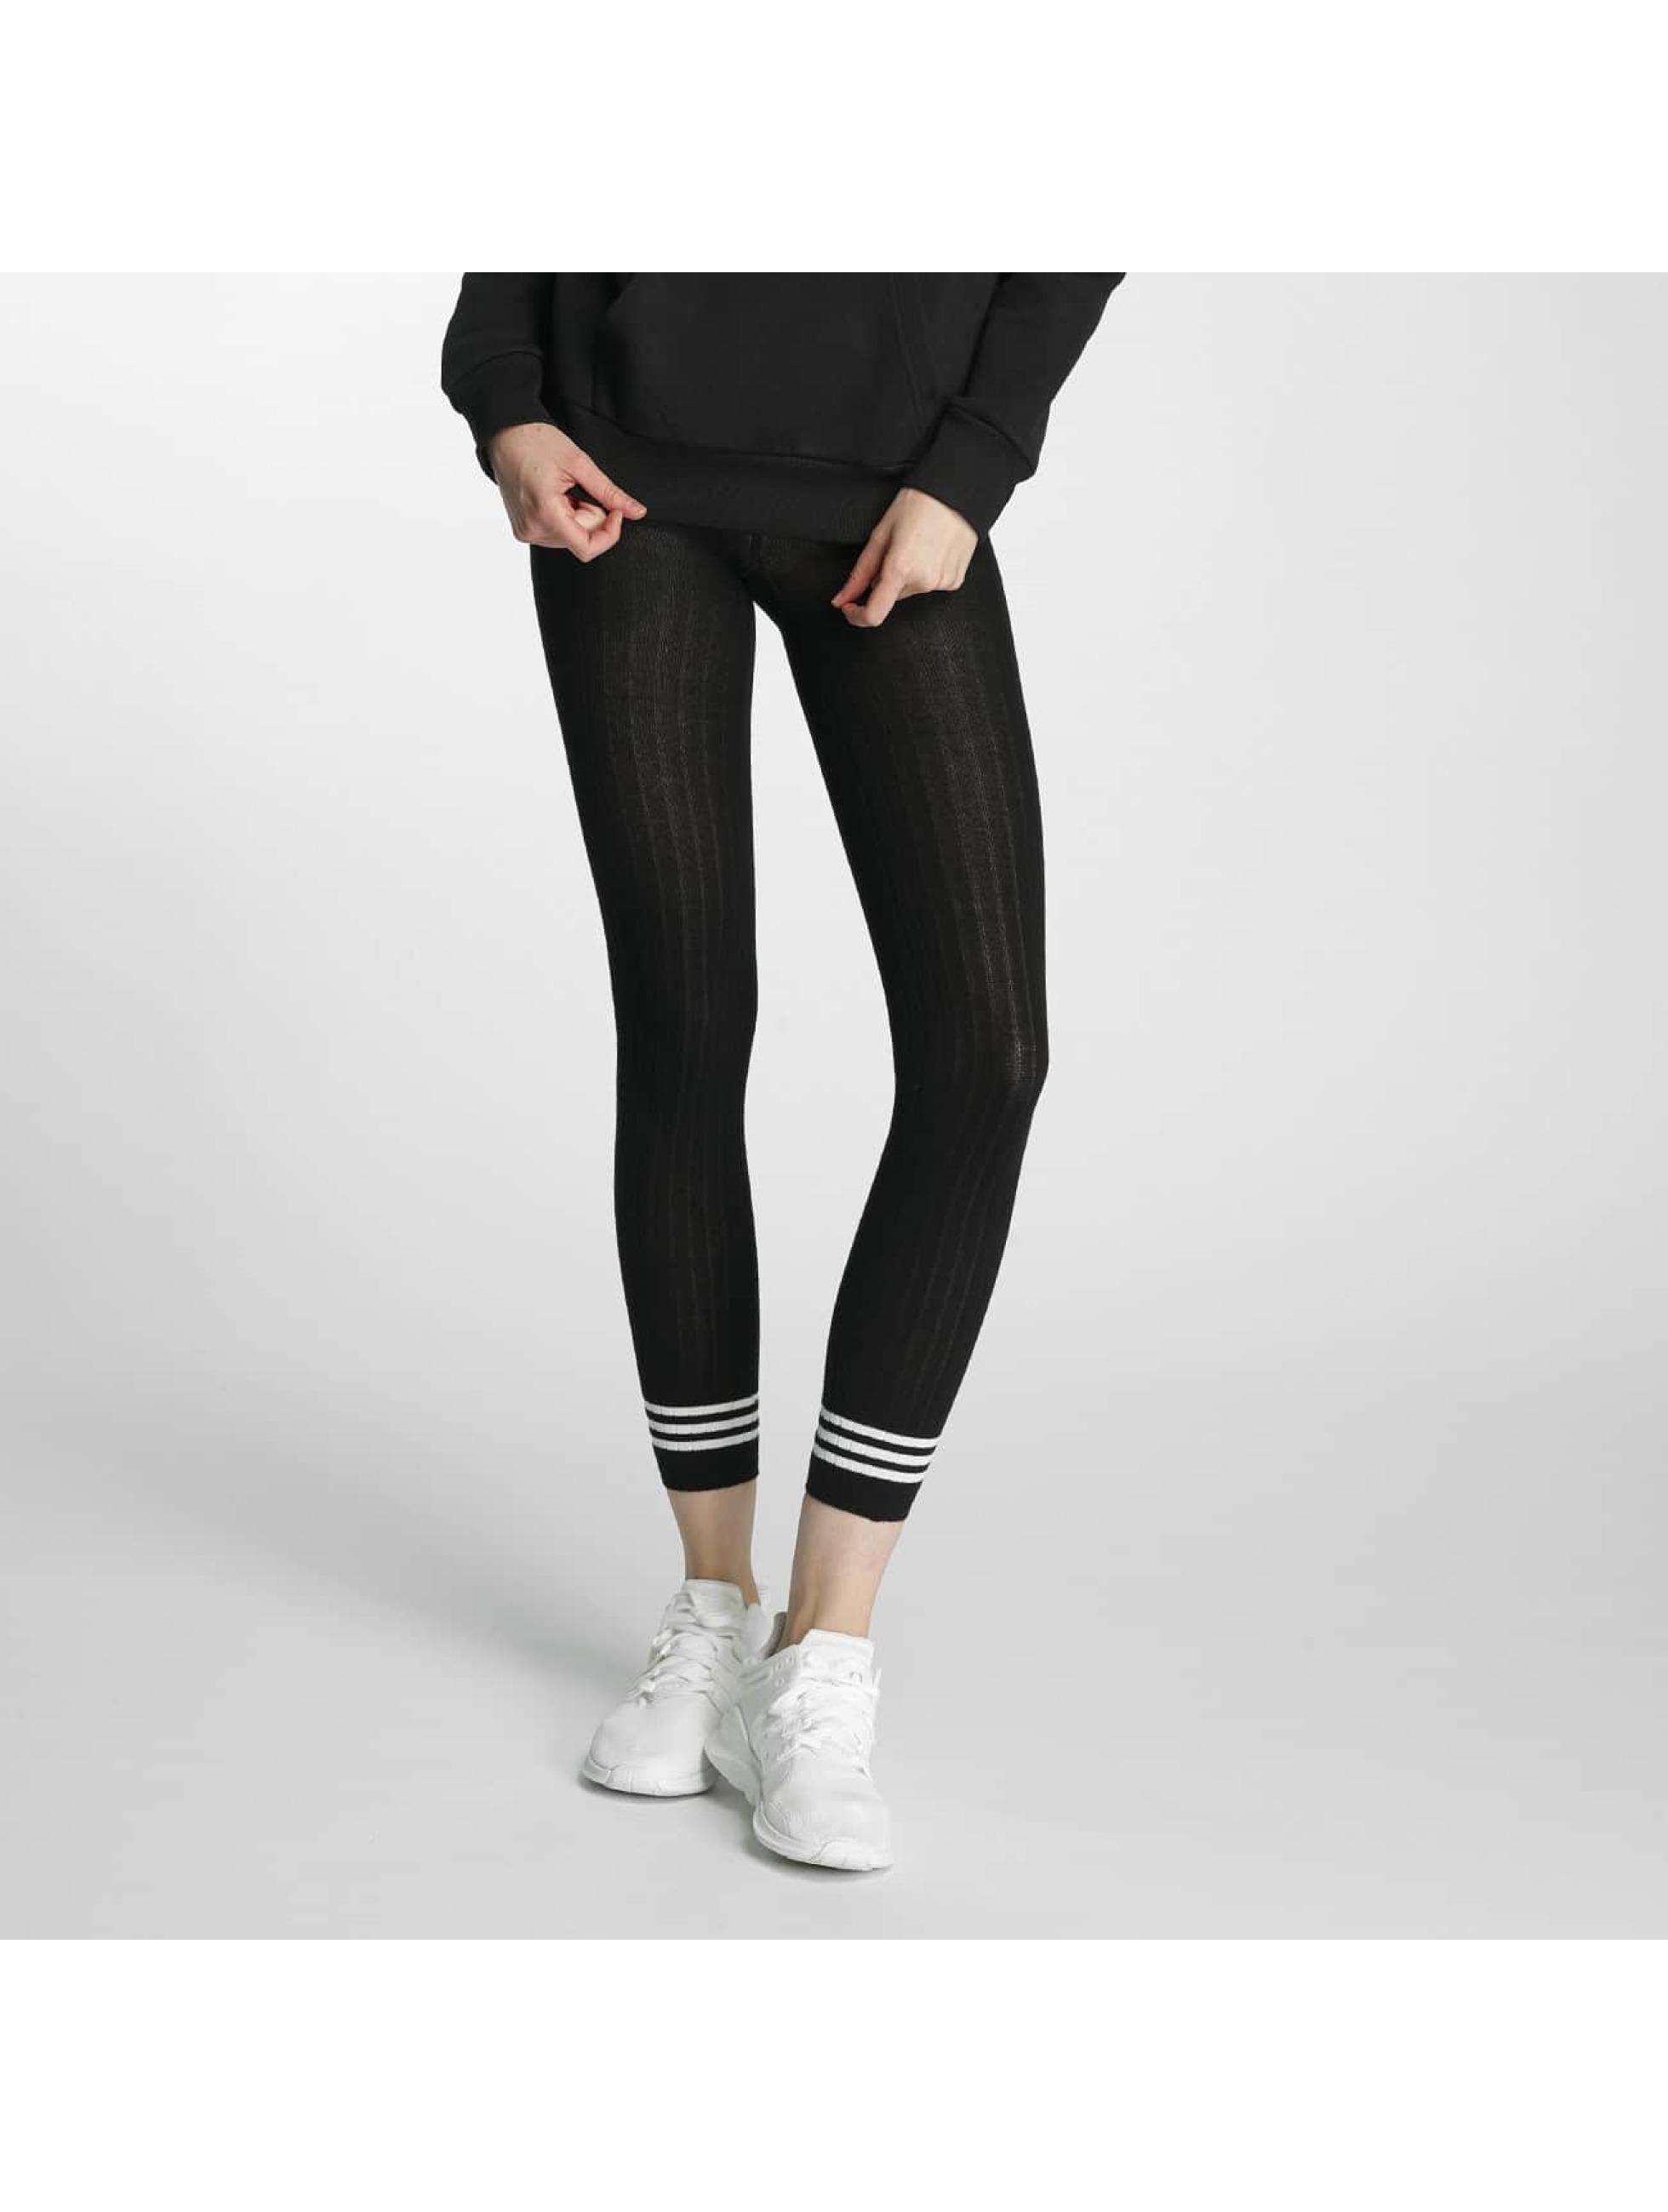 adidas Legging/Tregging 3 Stripes black